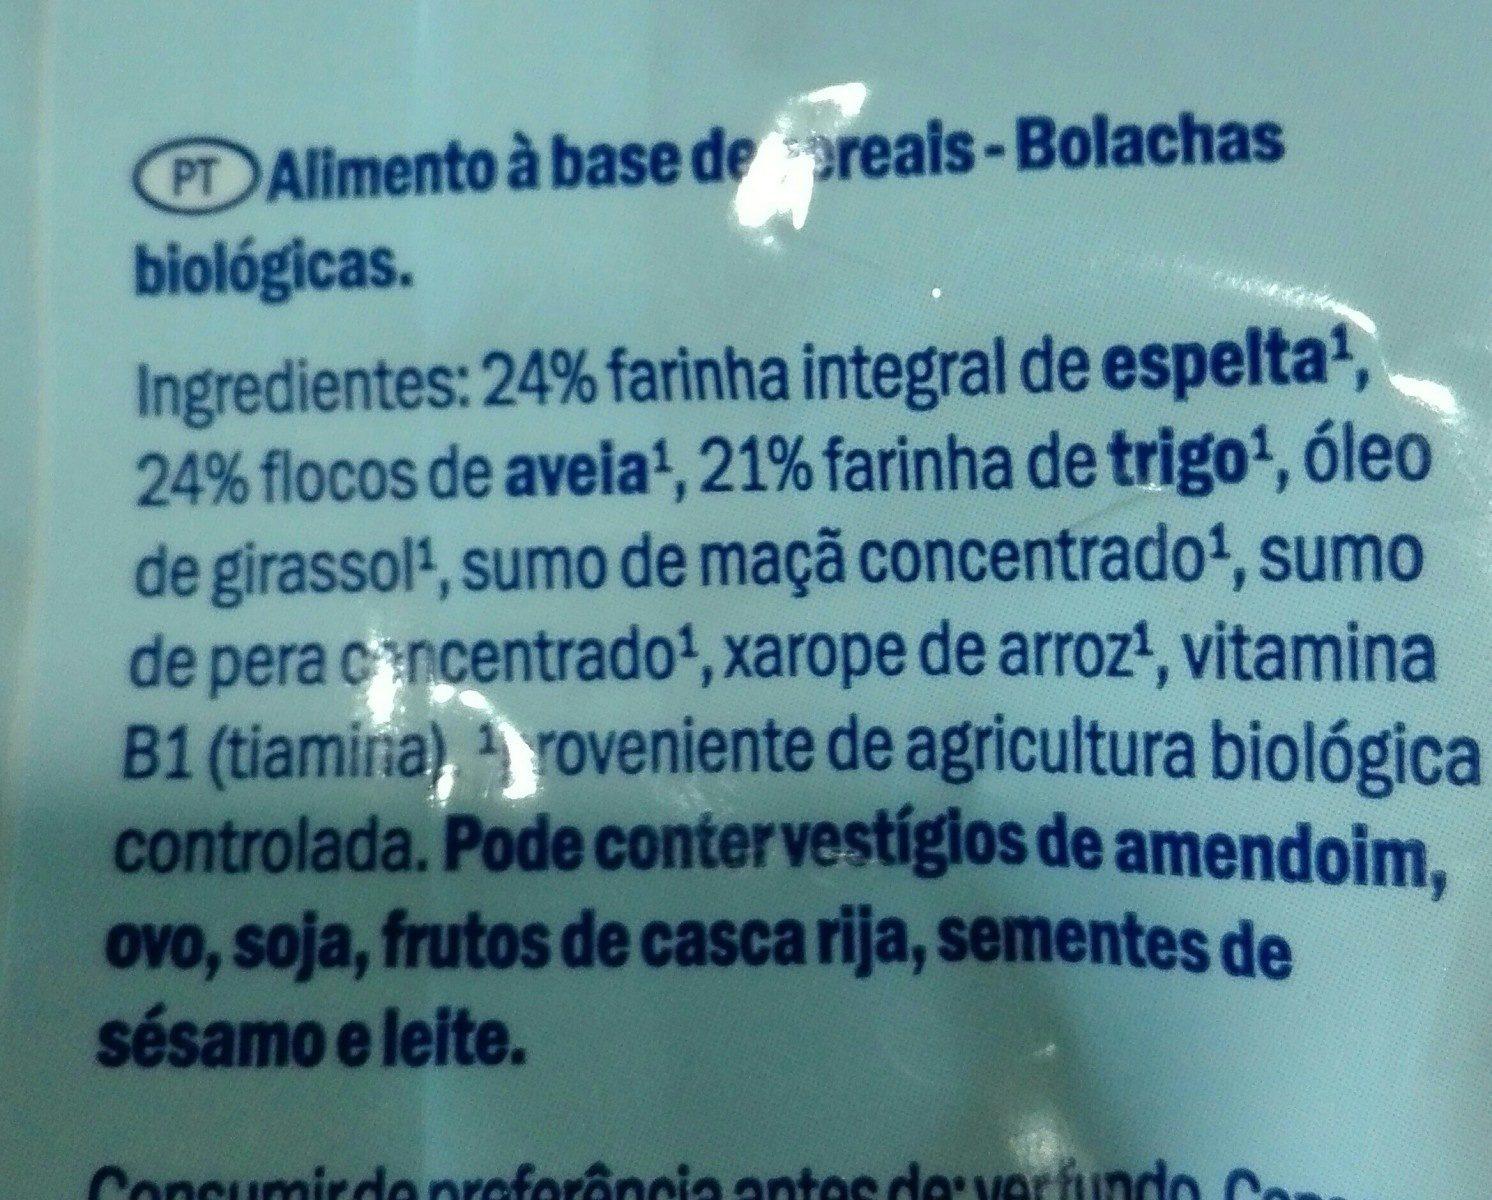 Galletas de avena - Ingrédients